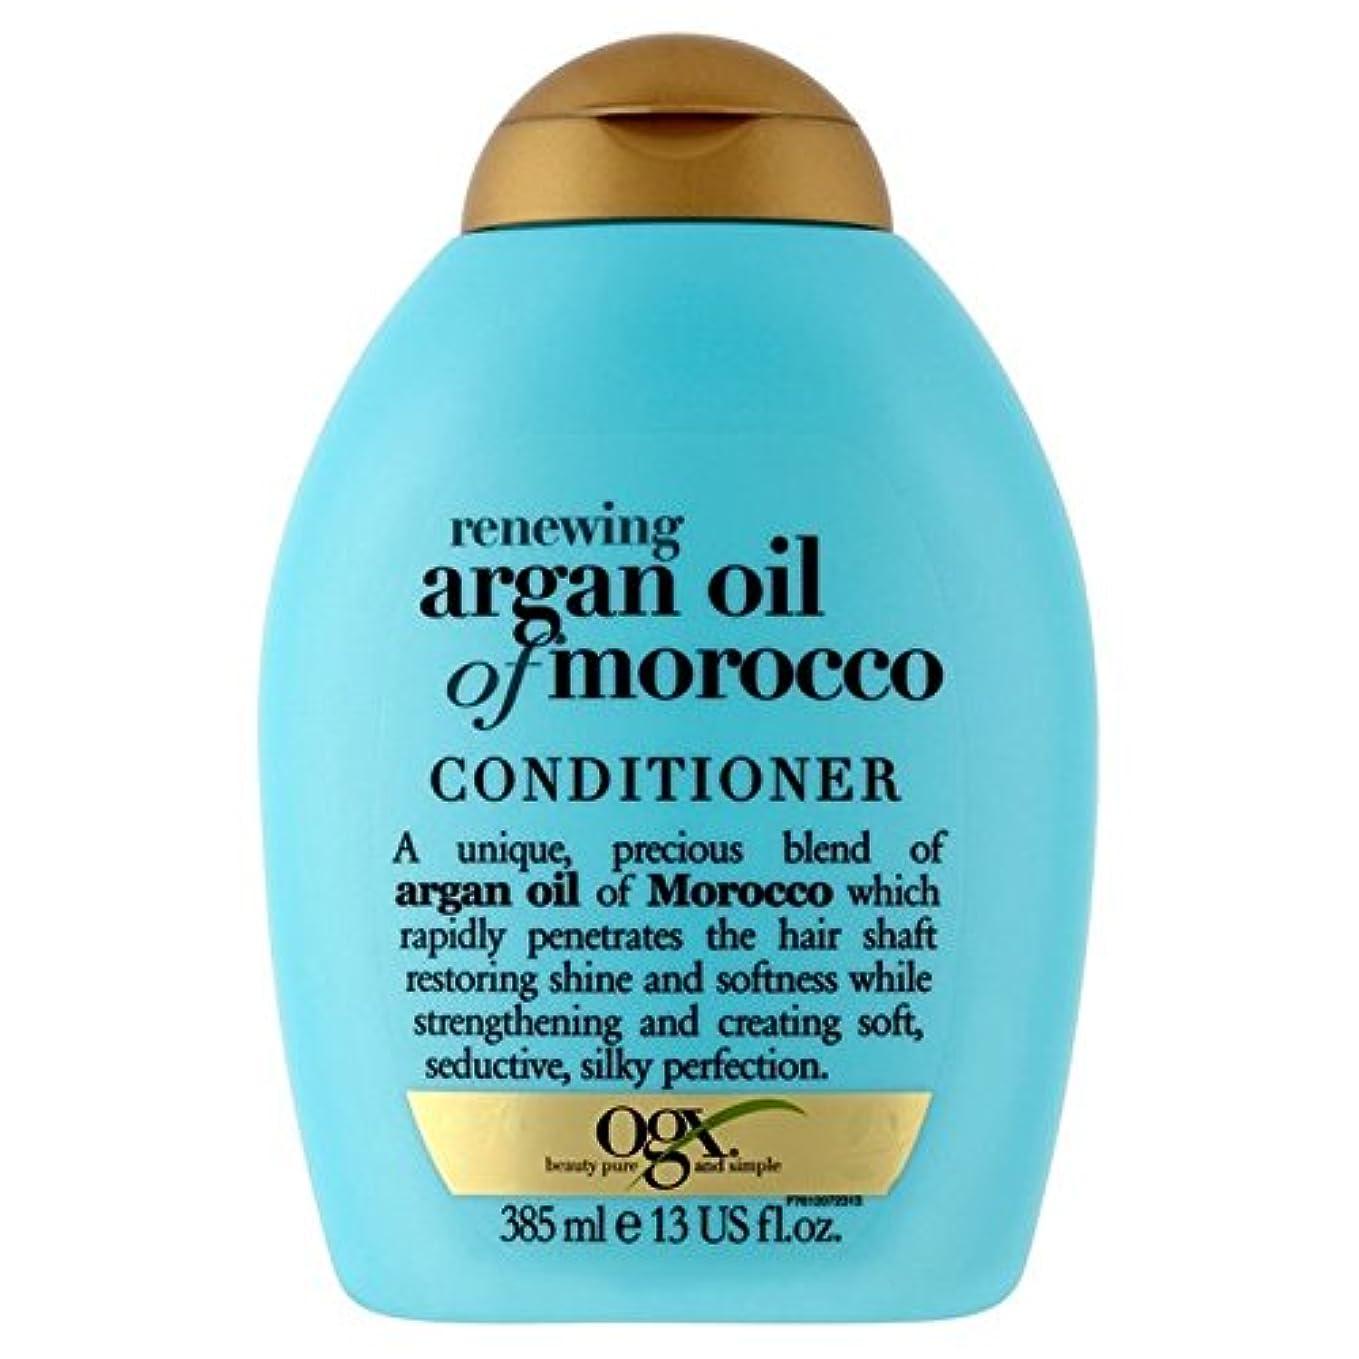 裕福な静脈静脈モロッコのアルガンオイルコンディショナー385ミリリットル x2 - Ogx Moroccan Argan Oil Conditioner 385ml (Pack of 2) [並行輸入品]